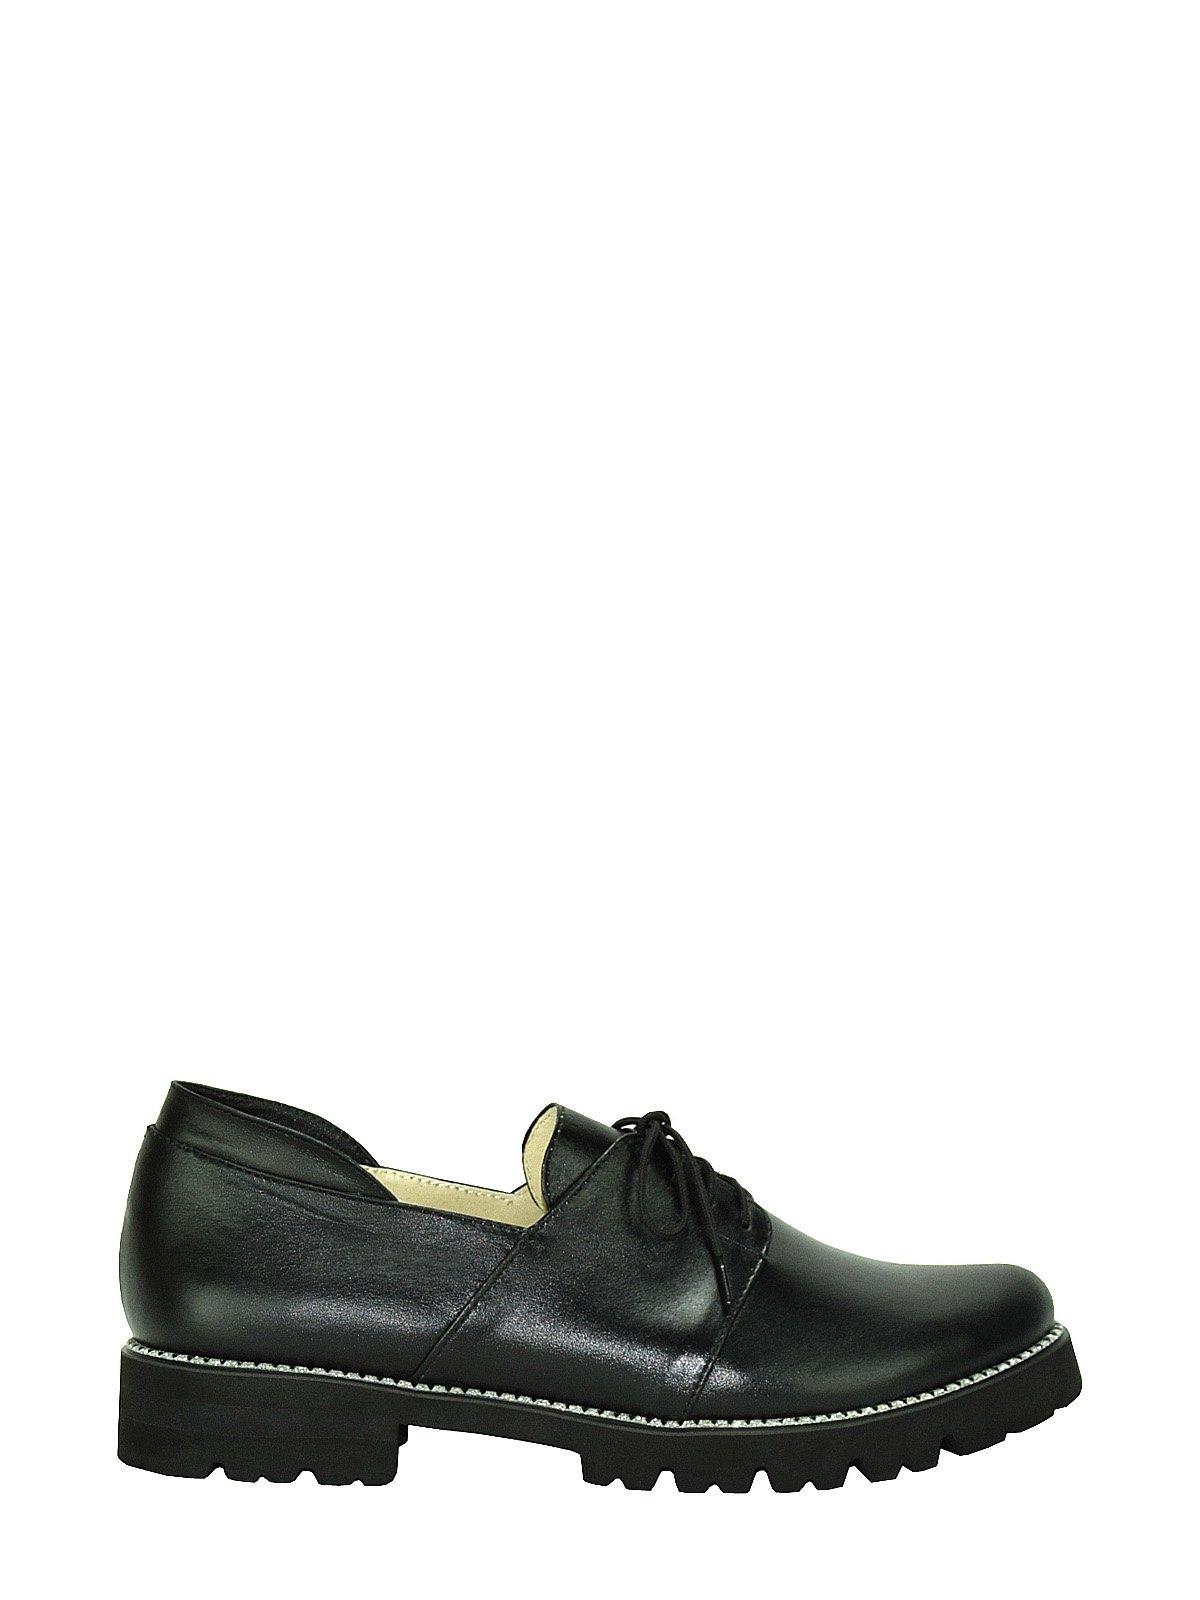 Туфлі чорні | 3553663 | фото 6